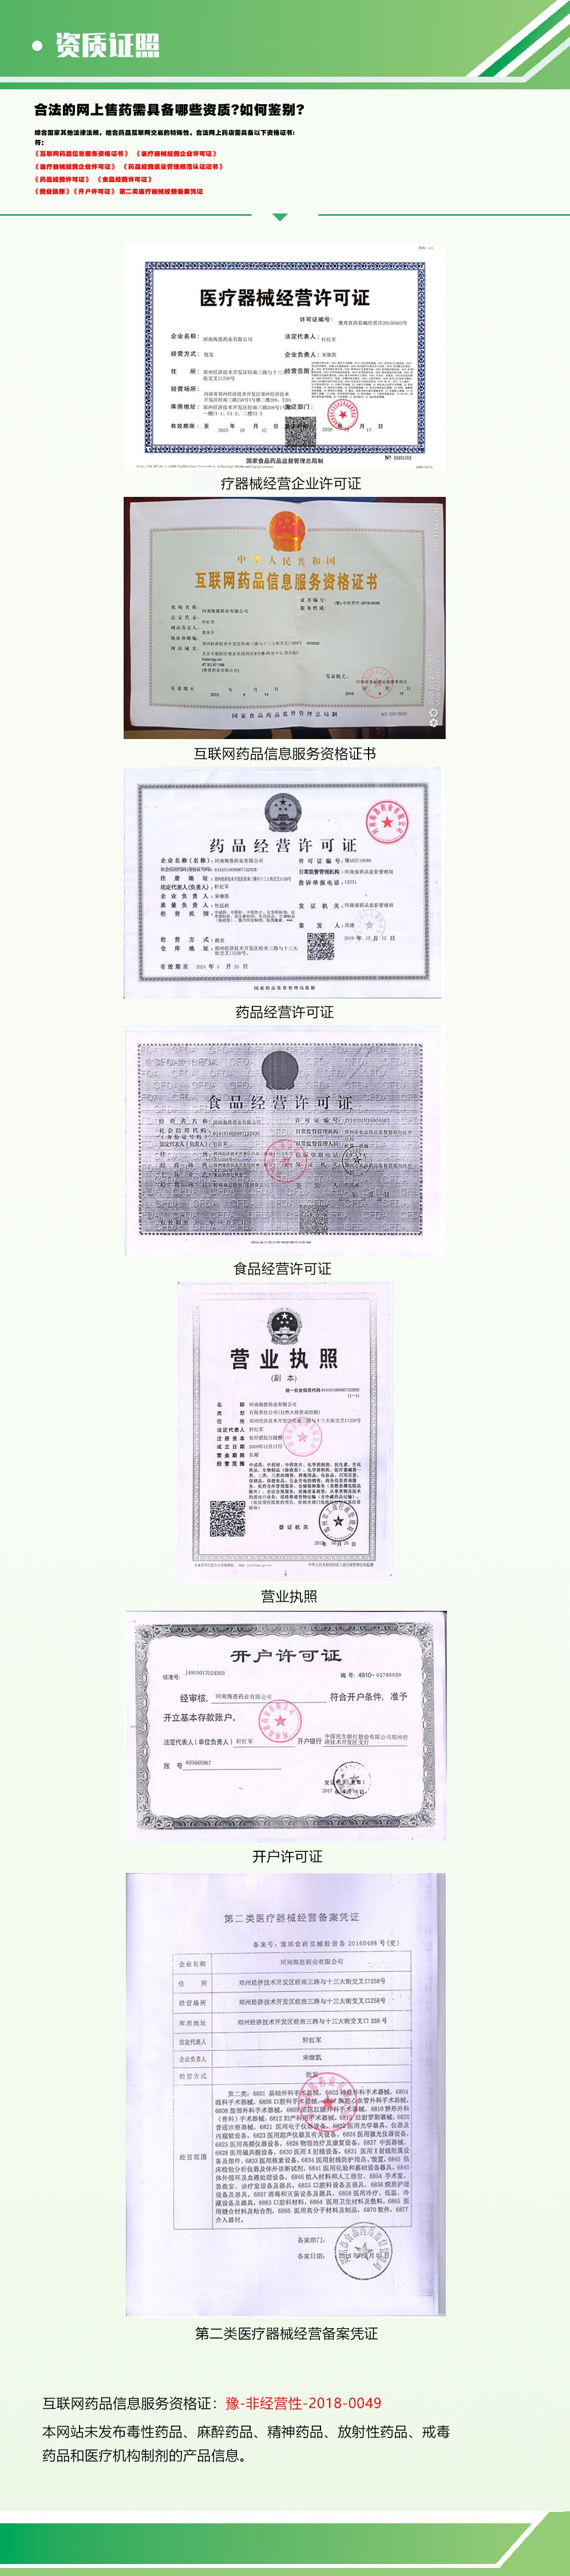 资质证照.jpg